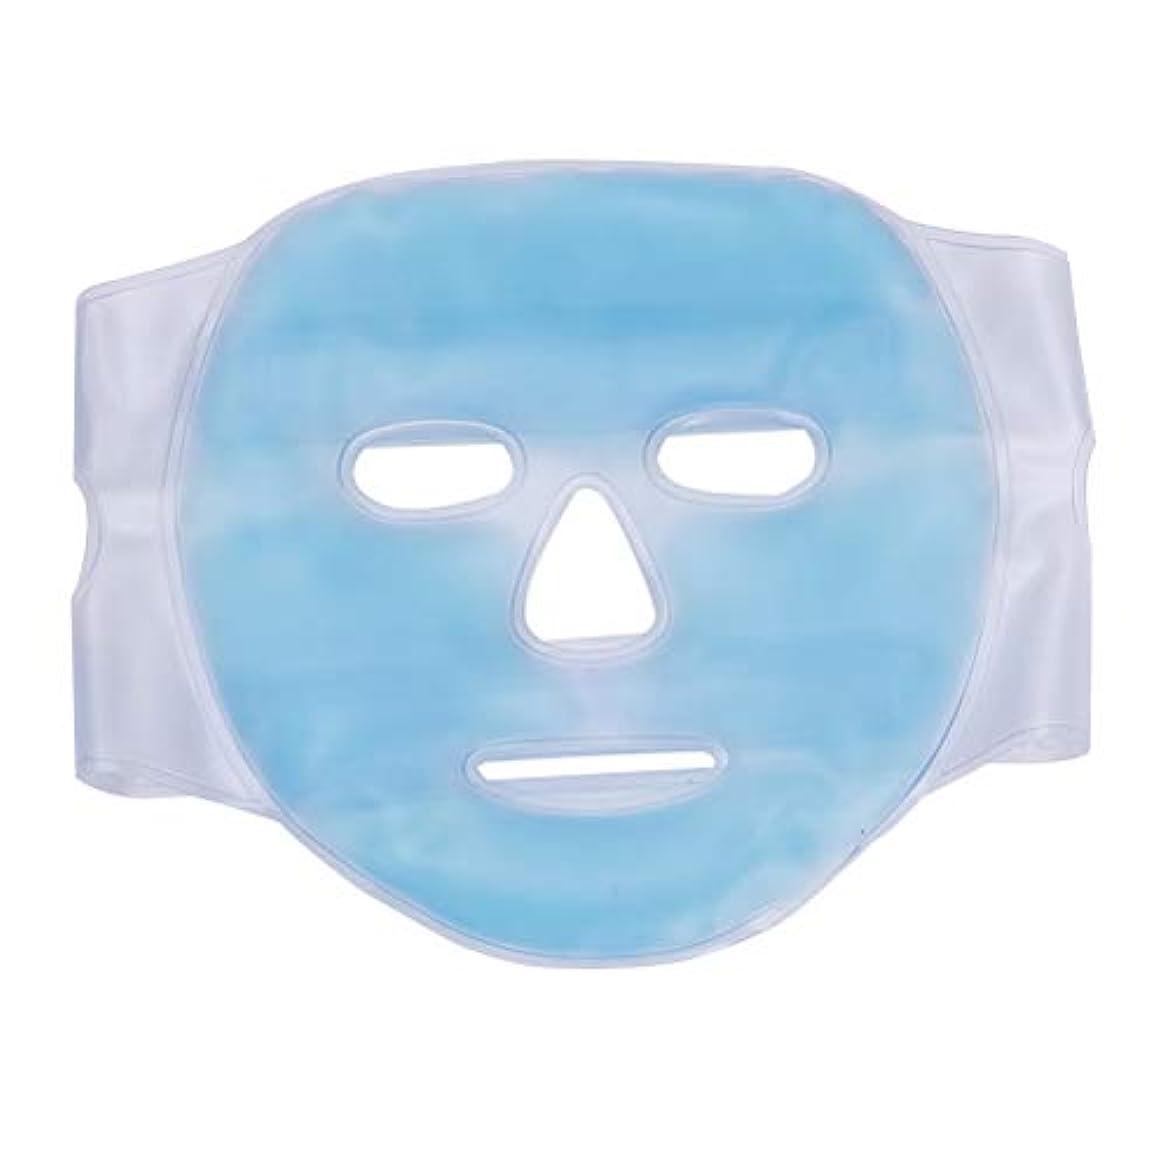 力安定した受取人SUPVOX 美容マスクホットコールドセラピージェルビーズフルフェイシャルマスク睡眠用片頭痛緩腫れぼったい顔(青)